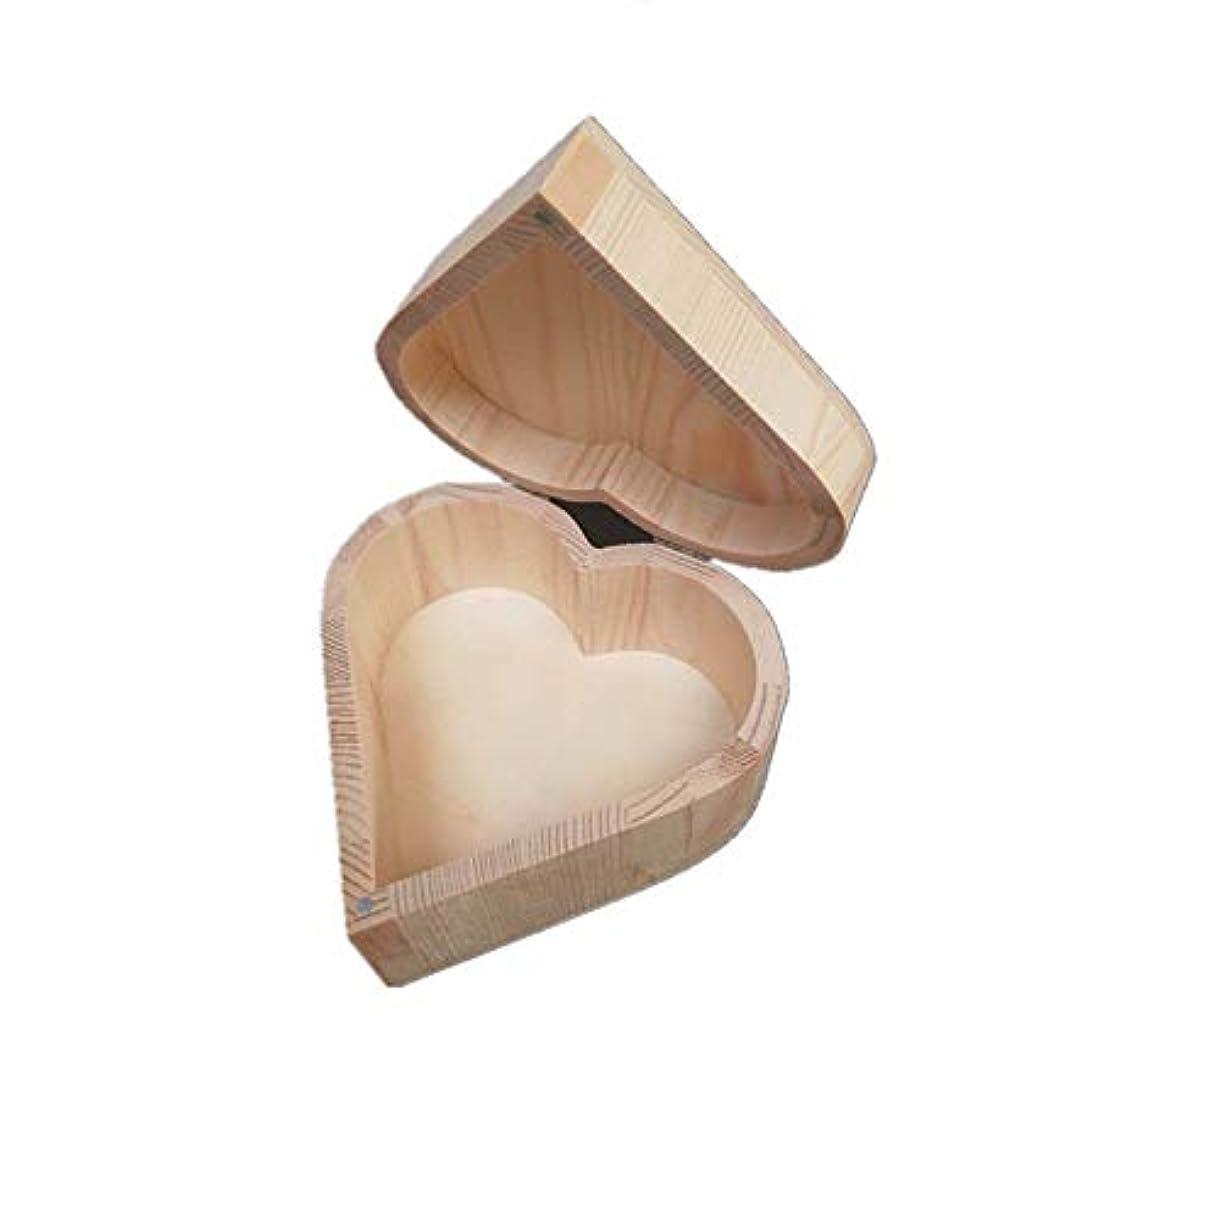 単独で民主党真実エッセンシャルオイルストレージボックス 手作りハート木製エッセンシャルオイルボックスパーフェクトエッセンシャルオイルケース 旅行およびプレゼンテーション用 (色 : Natural, サイズ : 13X13X7CM)